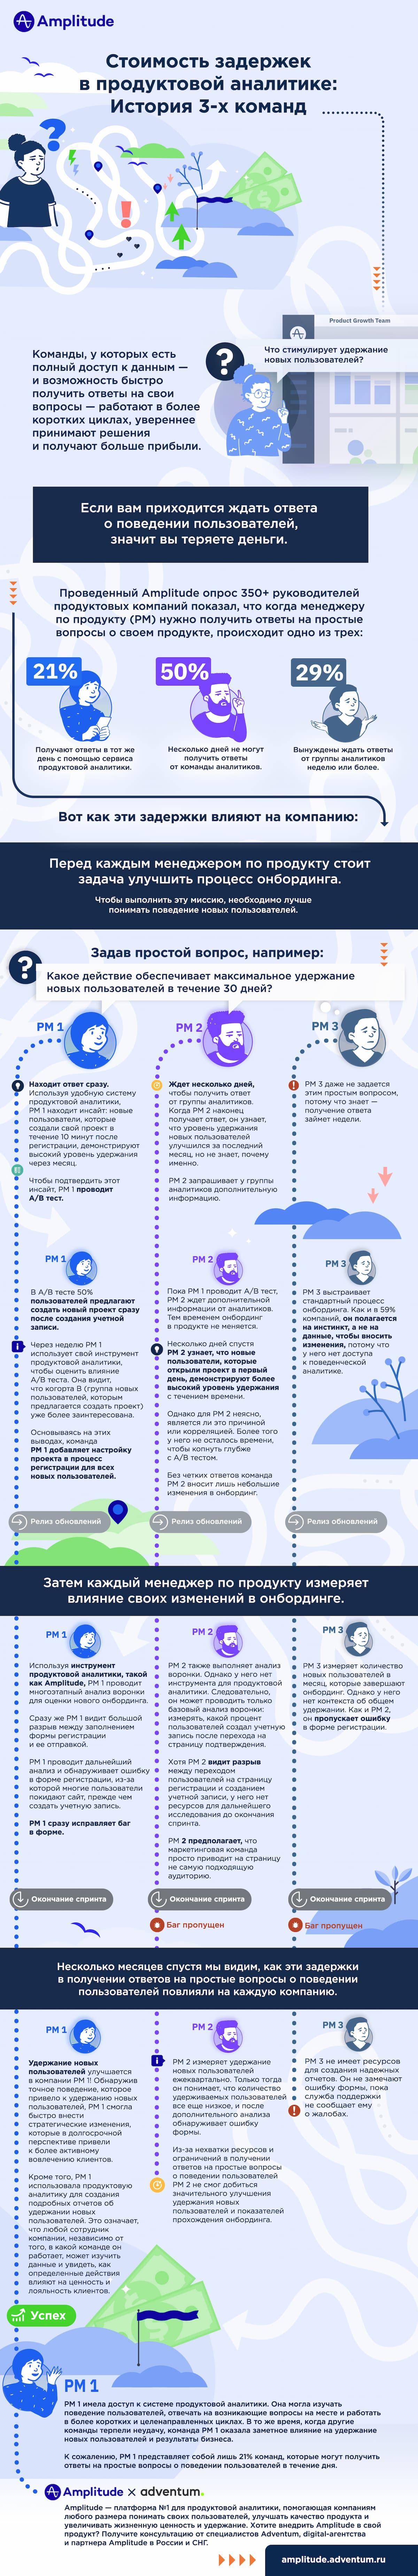 Инфографика с демонстрацией влияния задержек в продуктовой аналитике на финансовые показатели бизнеса на примере трех компаний